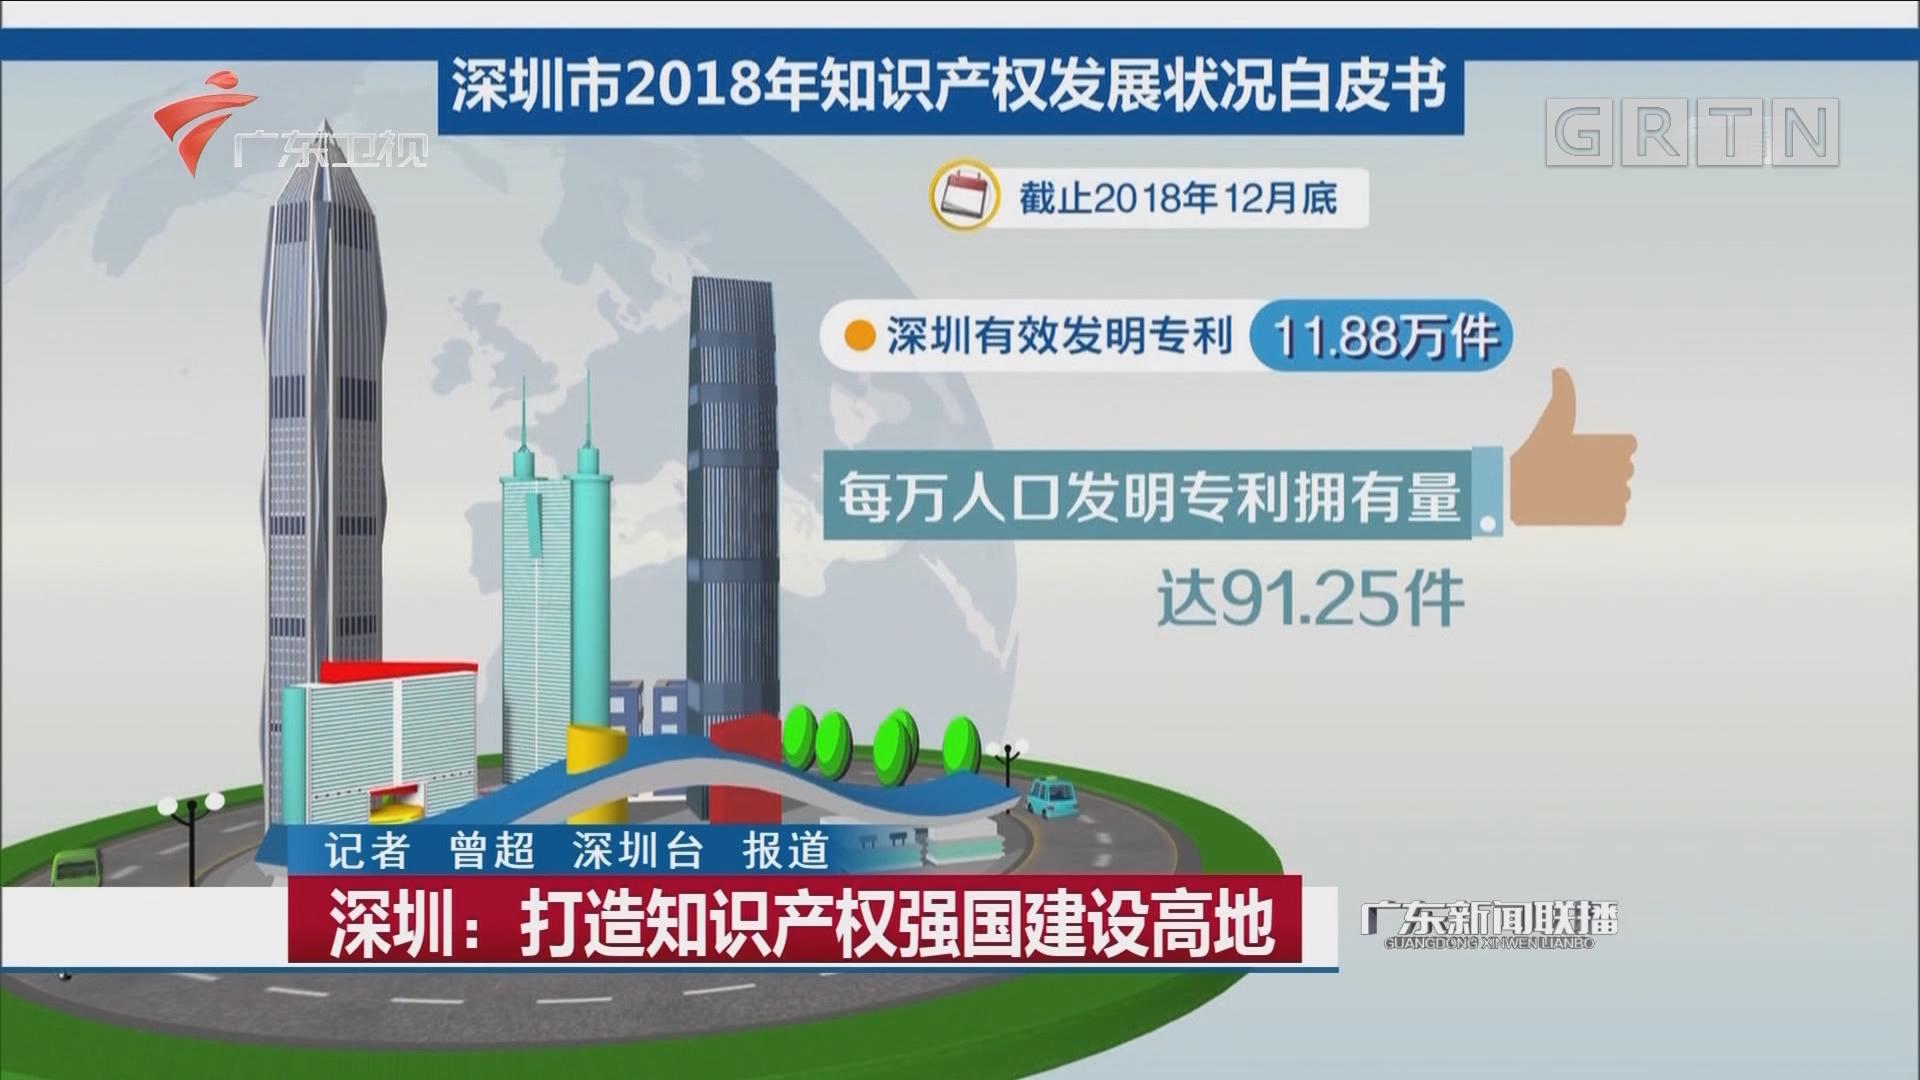 深圳:打造知识产权强国建设高地